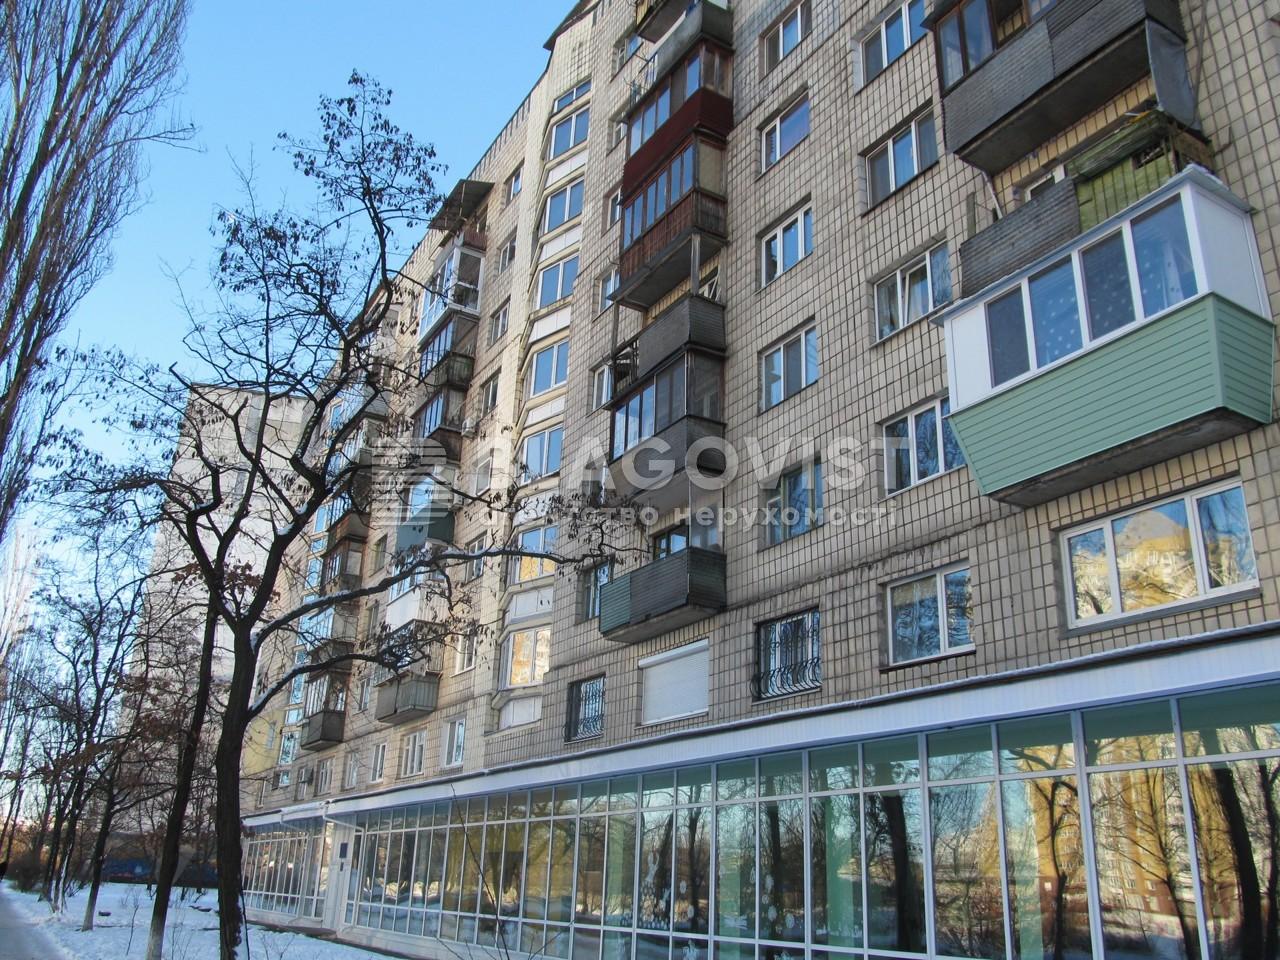 Квартира E-39743, Энтузиастов, 29, Киев - Фото 2